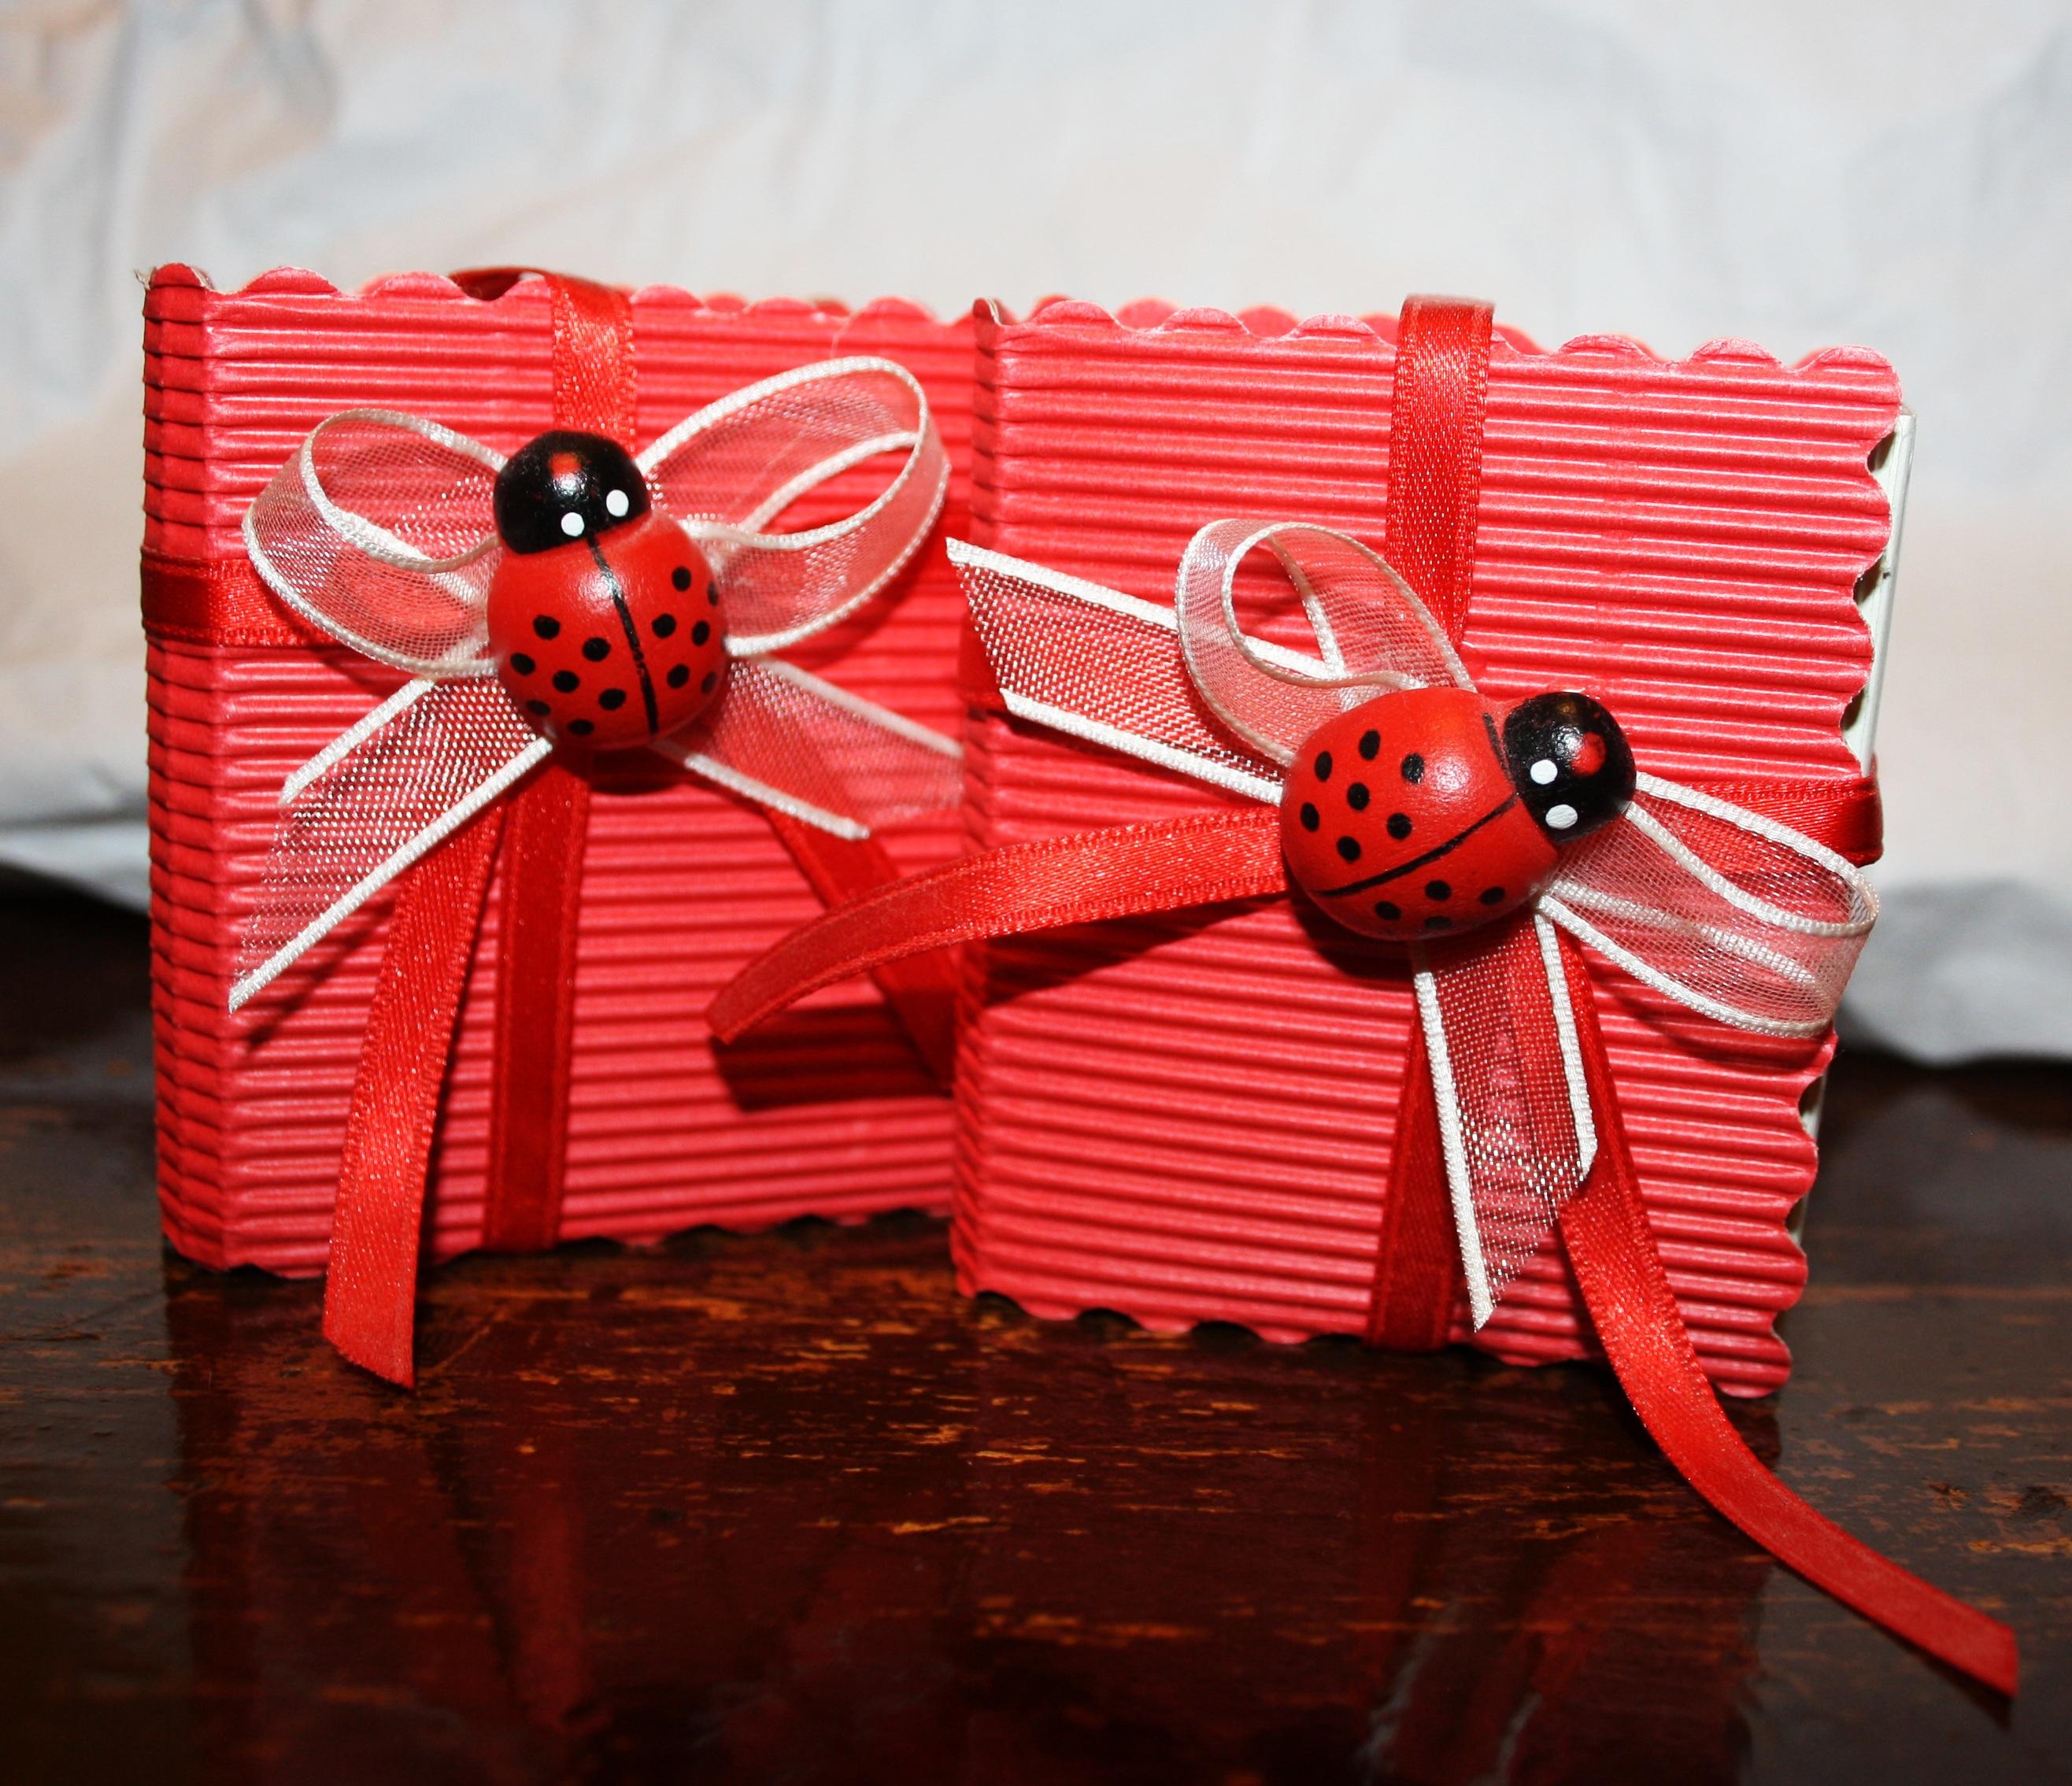 Blume Rot Marienkäfer Rosa Weihnachten Konfetti Kunst Bogen Glückwünsche  Grüße Graduierung Valentinstag Rossa Bomboniera Papier Bevorzugen